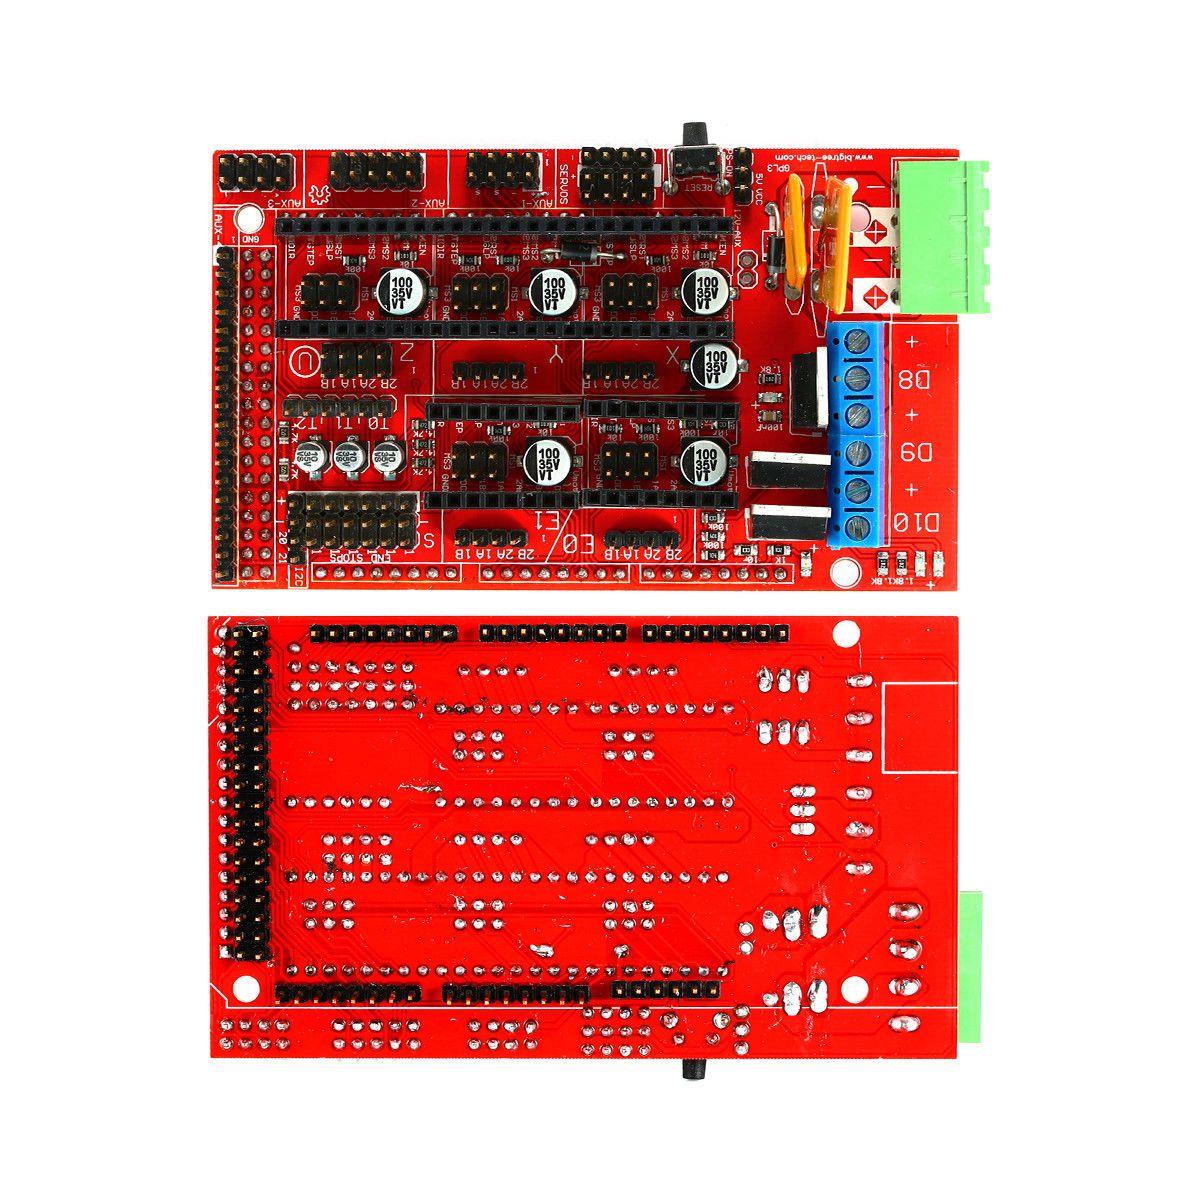 Kit imprimante 3D, rampes 1.4 + Mega 2560 + MK2B Heatbed + contrôleur I3 Suit 12864 - 3